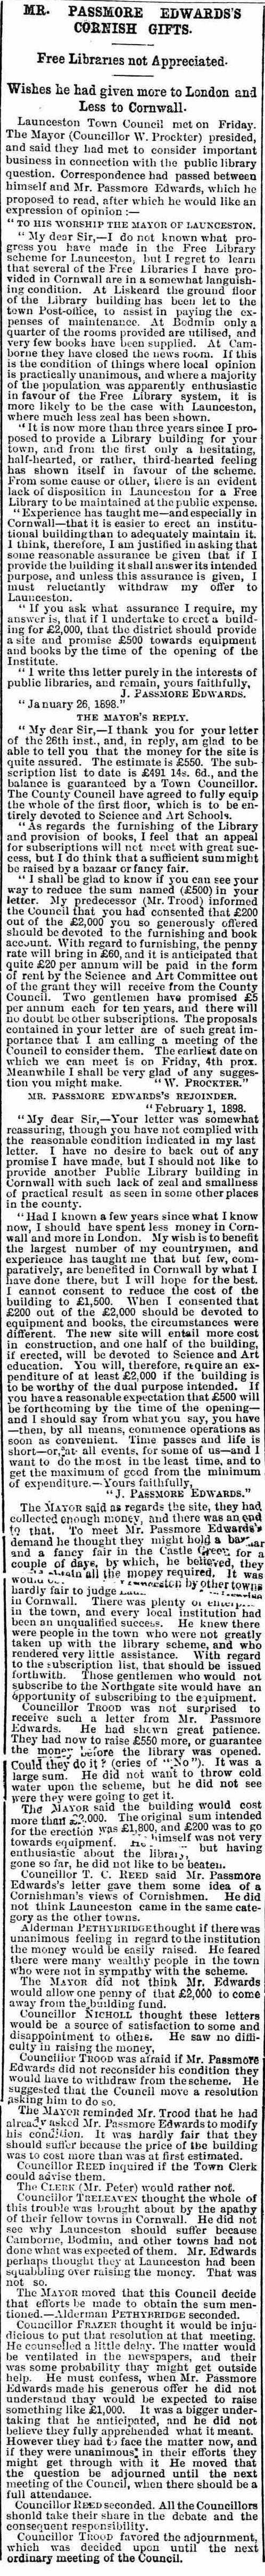 10 February 1898